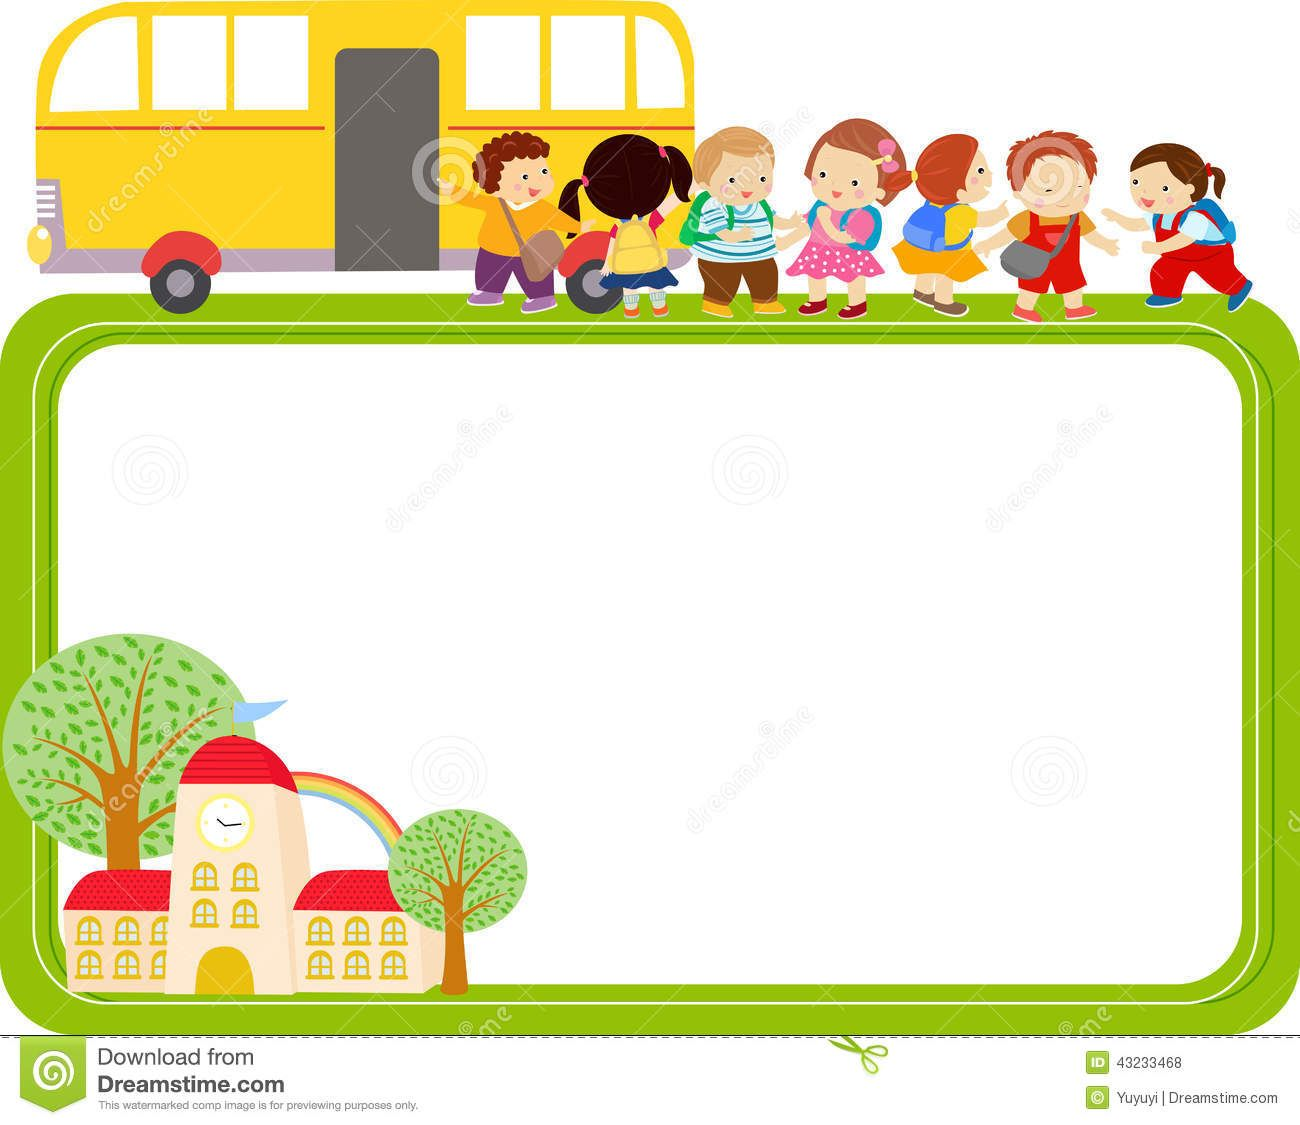 Bus clipart border. Cute cartoon kids and